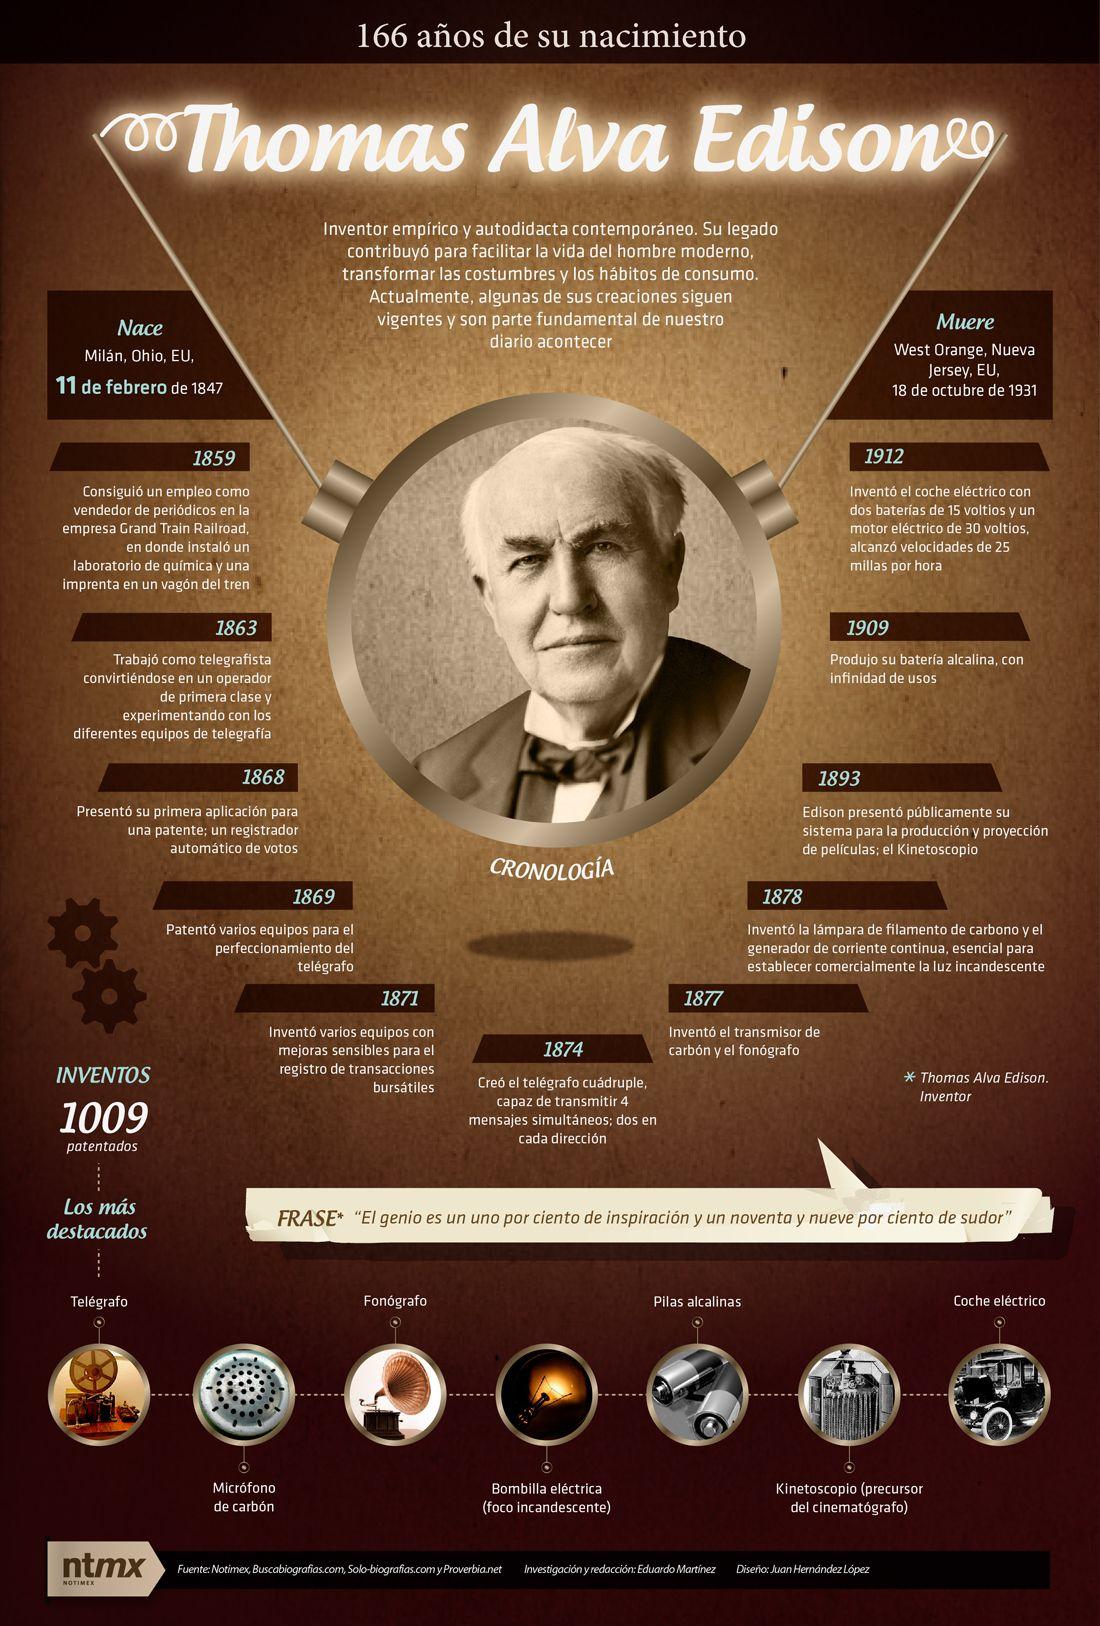 Sabiasque Un Dia Como Hoy Pero De 1847 Nace Thomas Alba Edison Entre Sus Inventos Pat Ensenanza De La Historia Ensenanza De Quimica Direccion Y Liderazgo